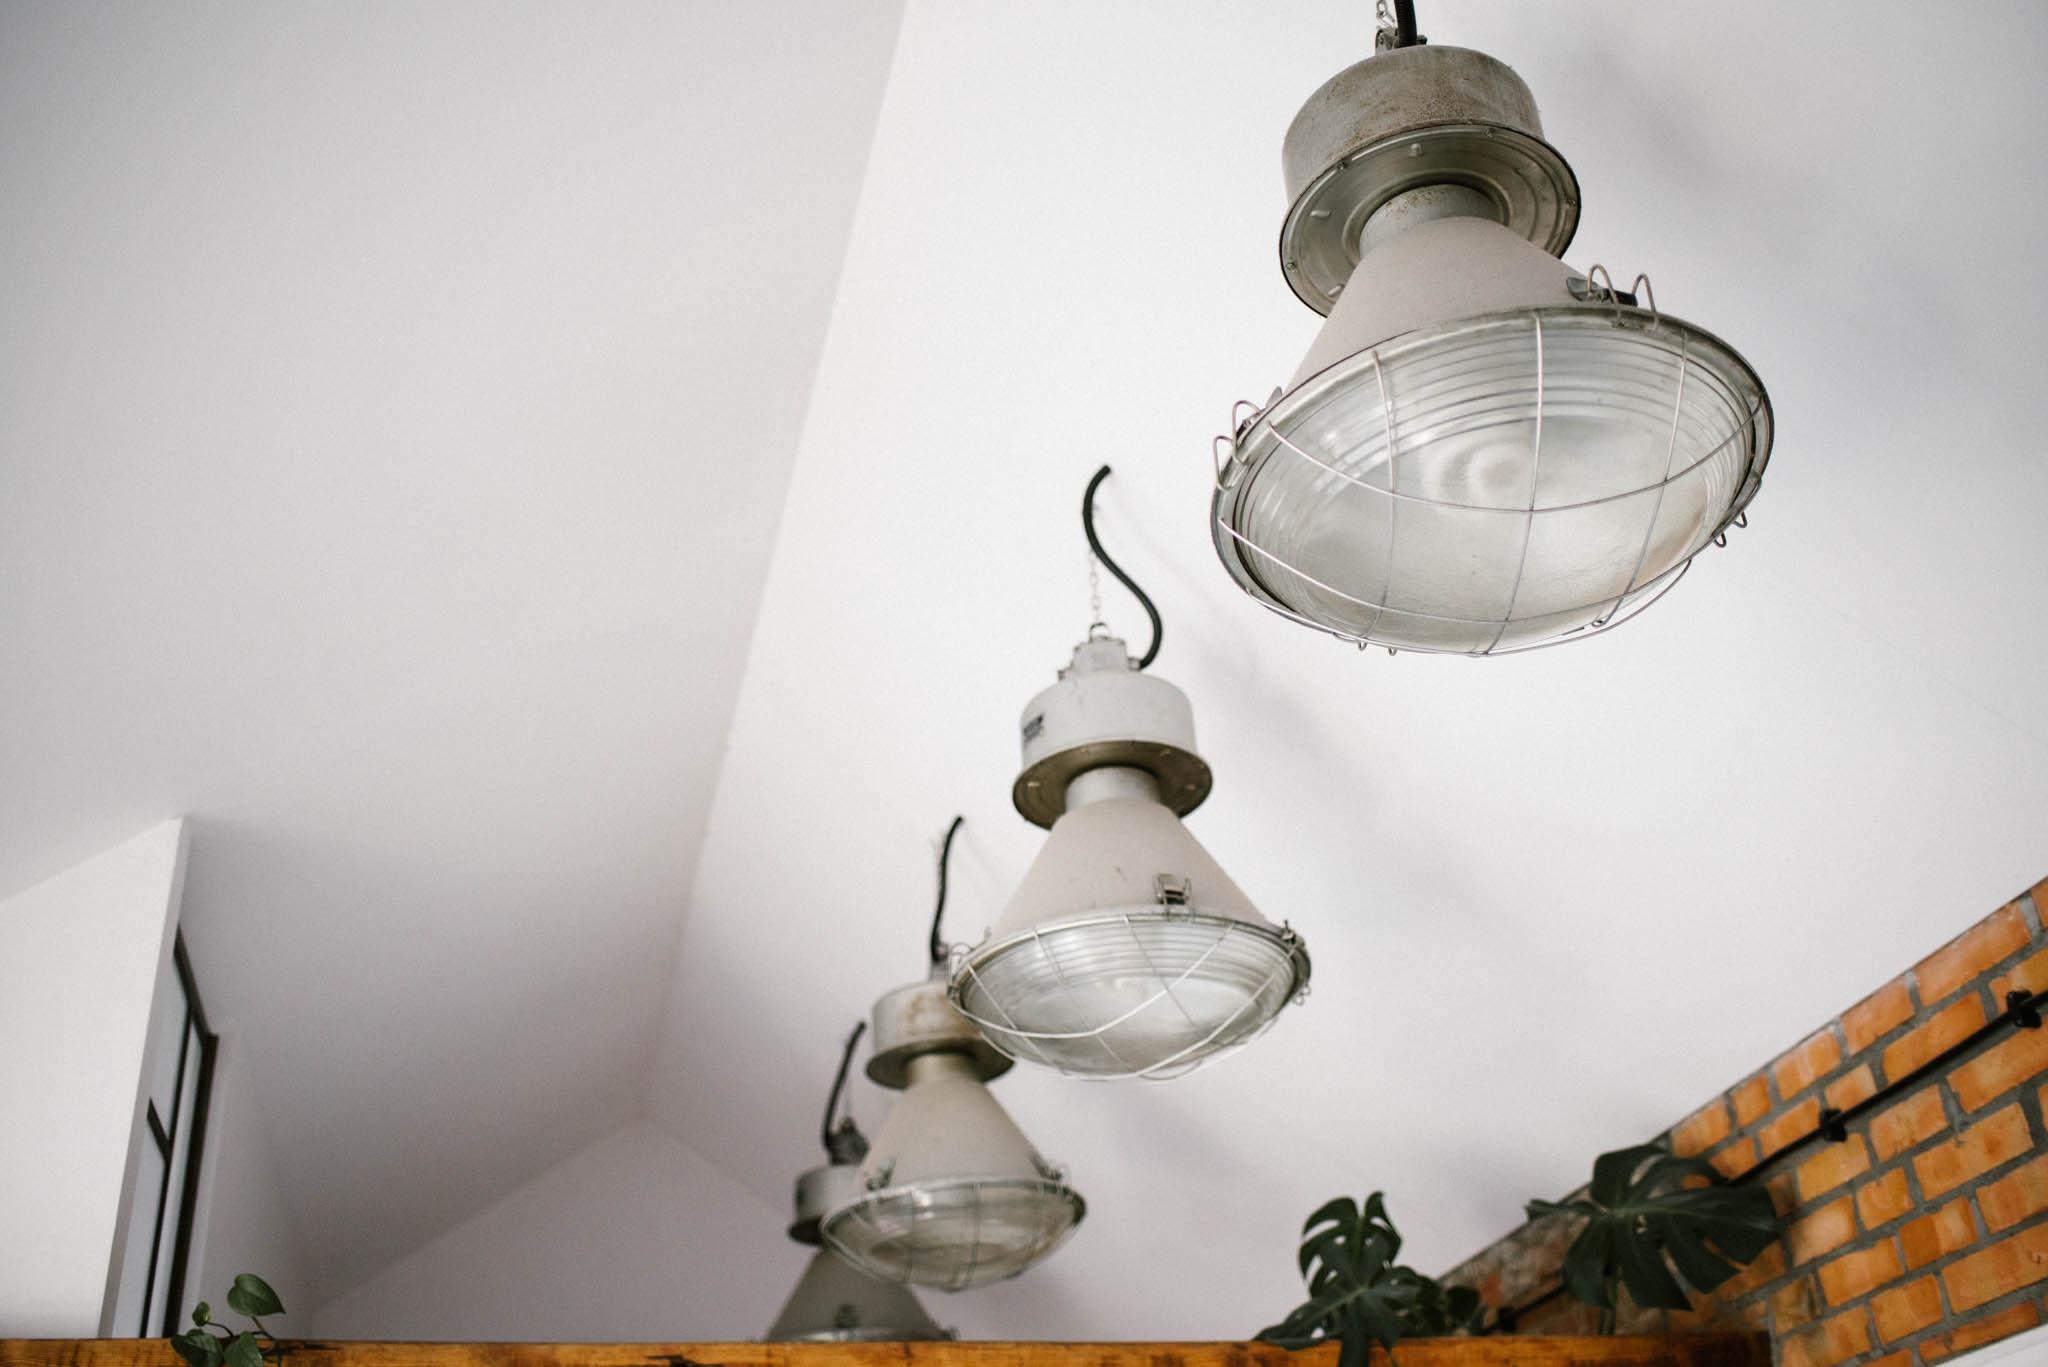 Industrialne stare lampy - sesja miłosna lifestyle Poznań Pani Woźna